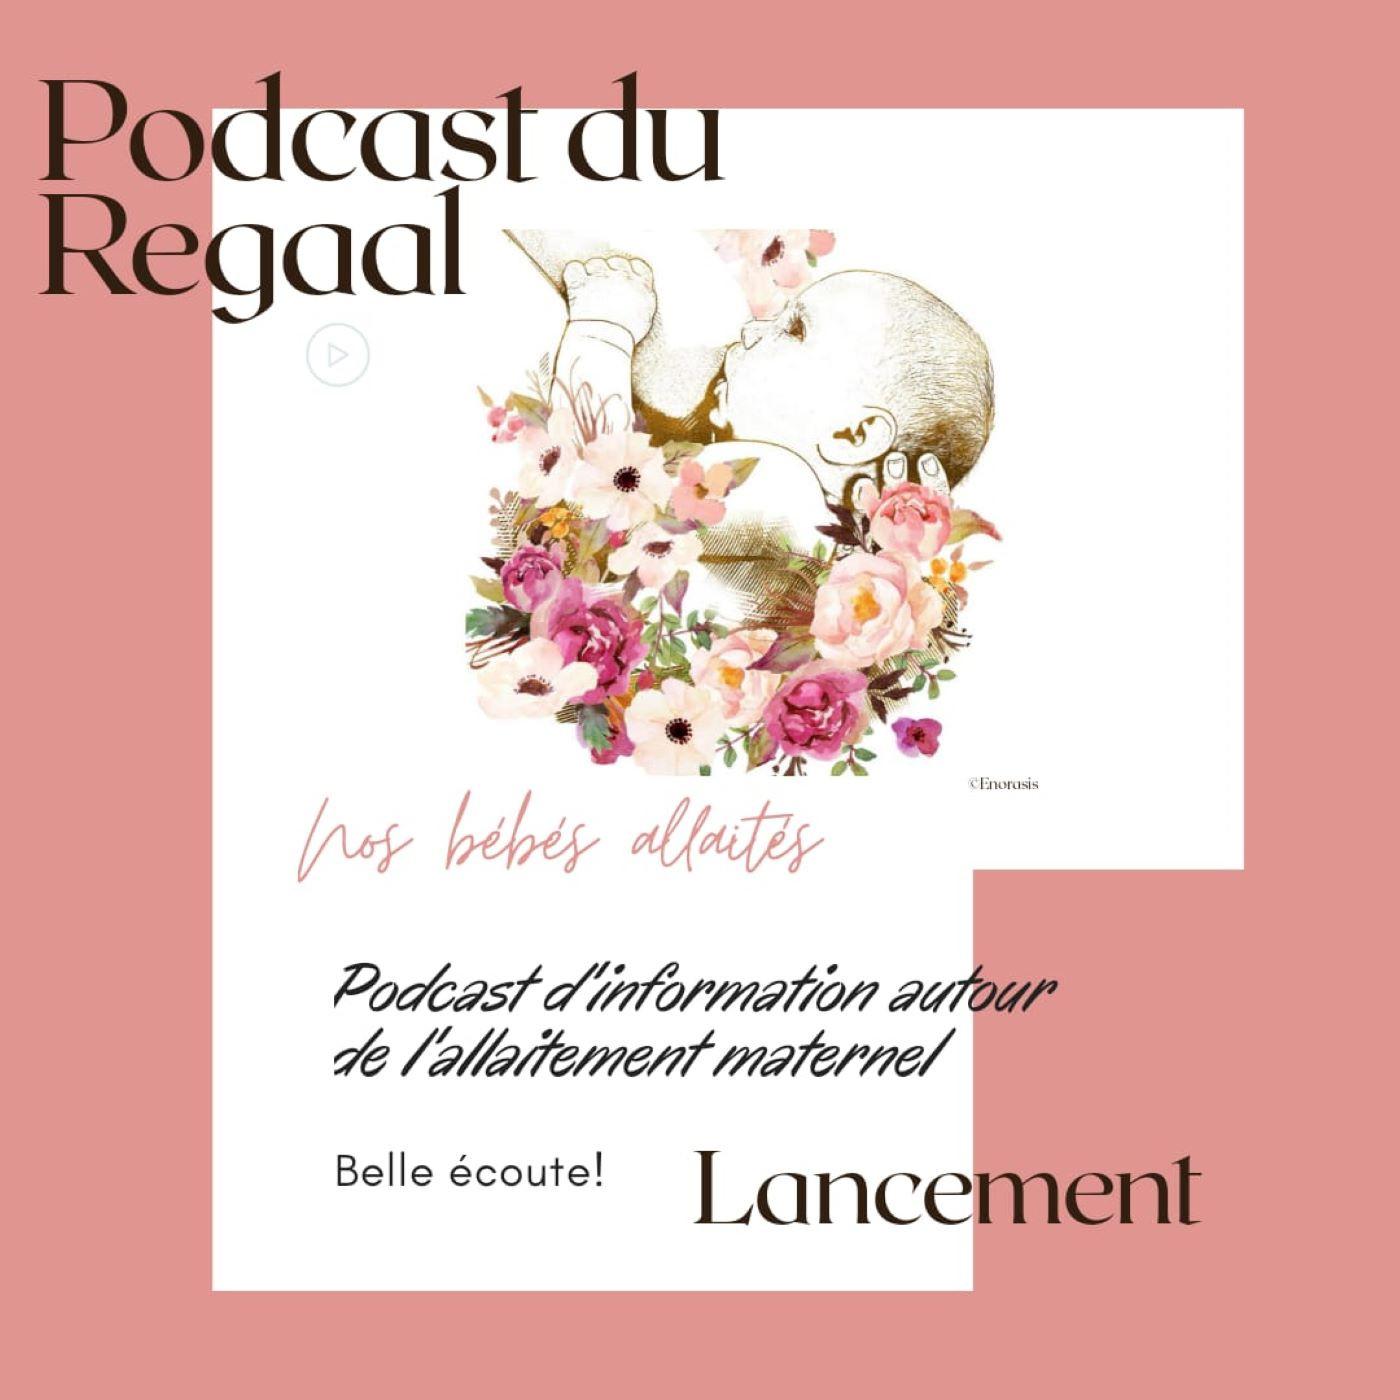 Présentation du podcast du REGAAL